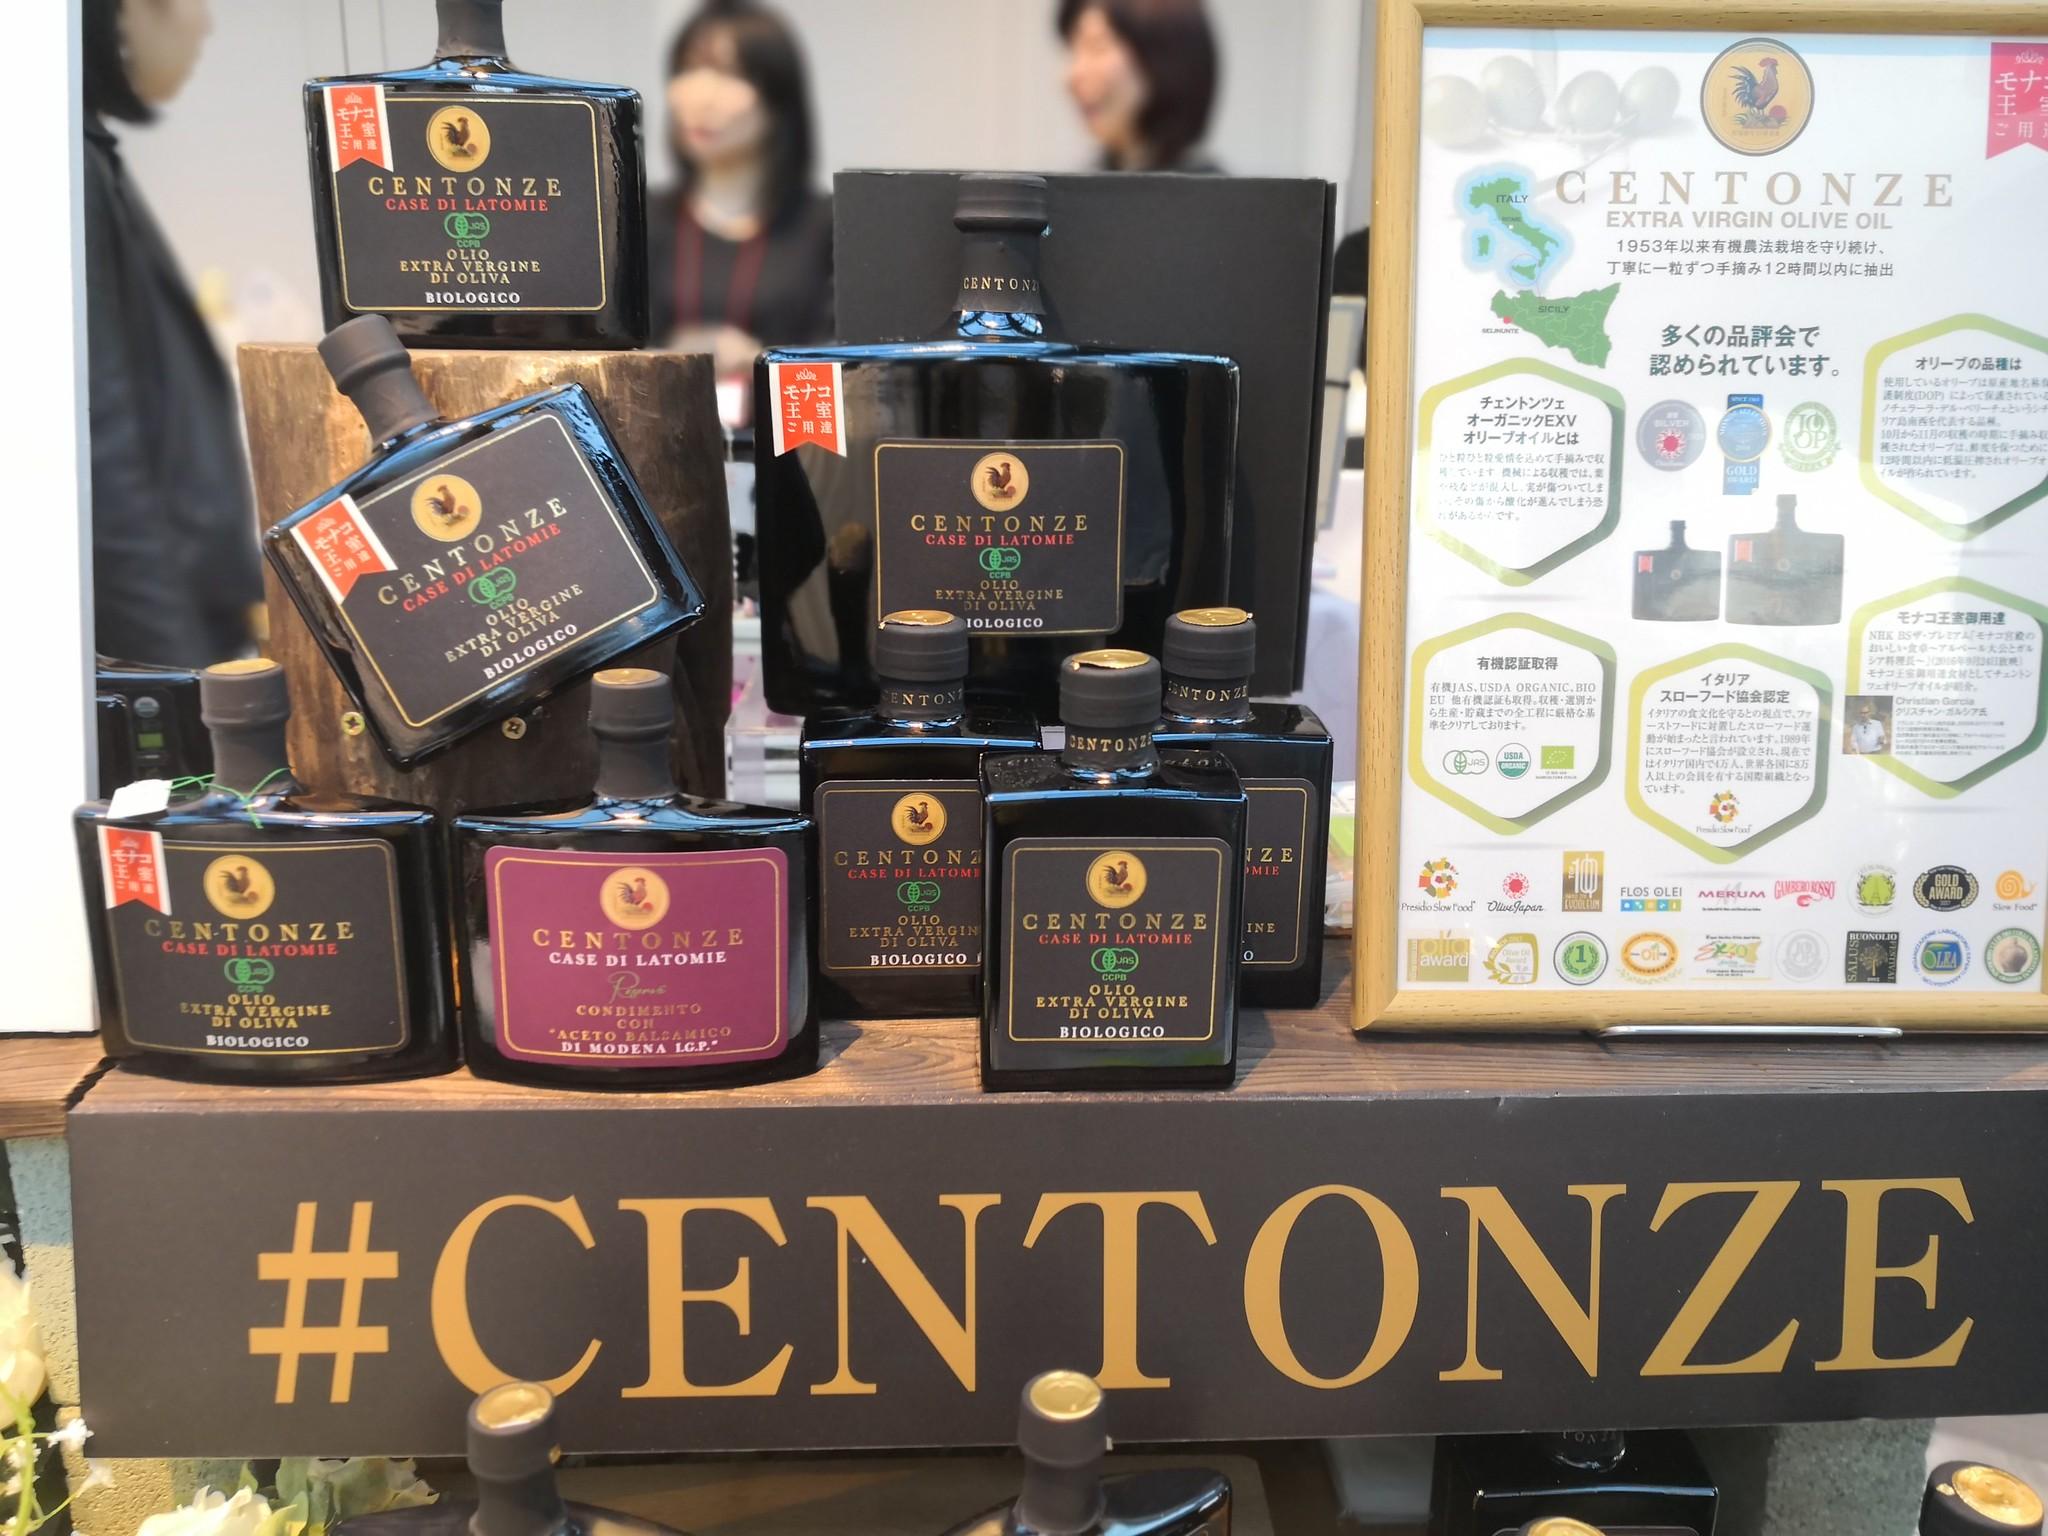 第6回クリエーション・アムール展の気になるブランド@シチリアのオリーブオイル「Centonze(チェントンツェ)」